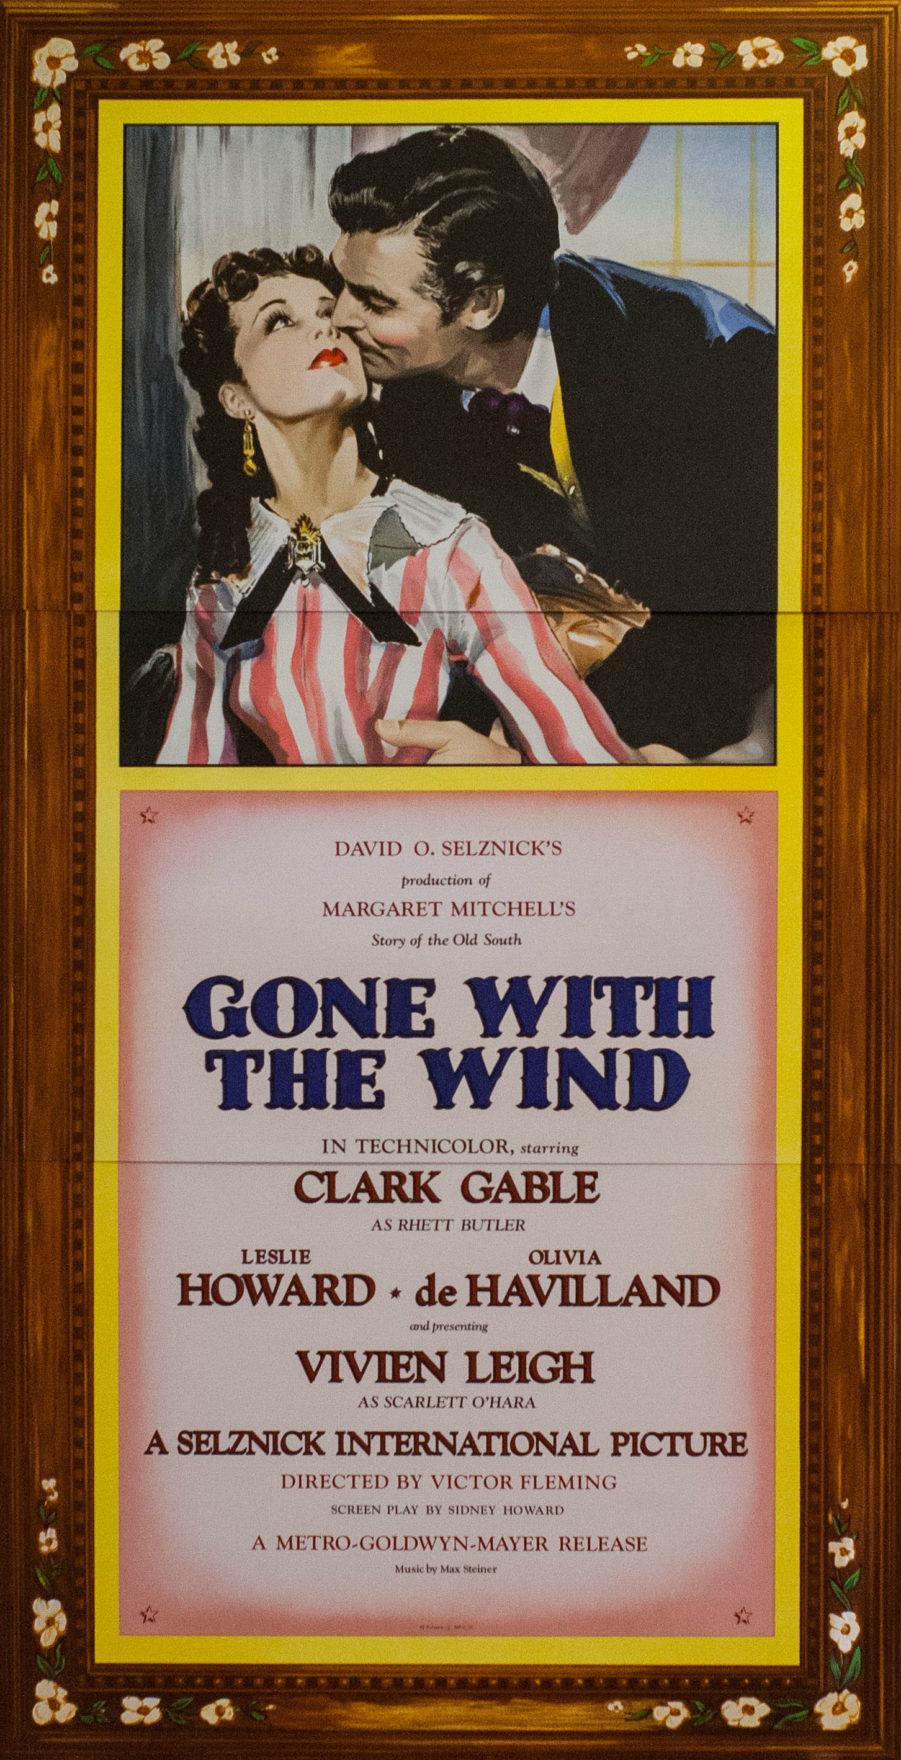 Rett Butler Scarlet O'hara Clark Gable Vivien Leigh Olivia deHaviland Civil War Classic Novel Classic Film